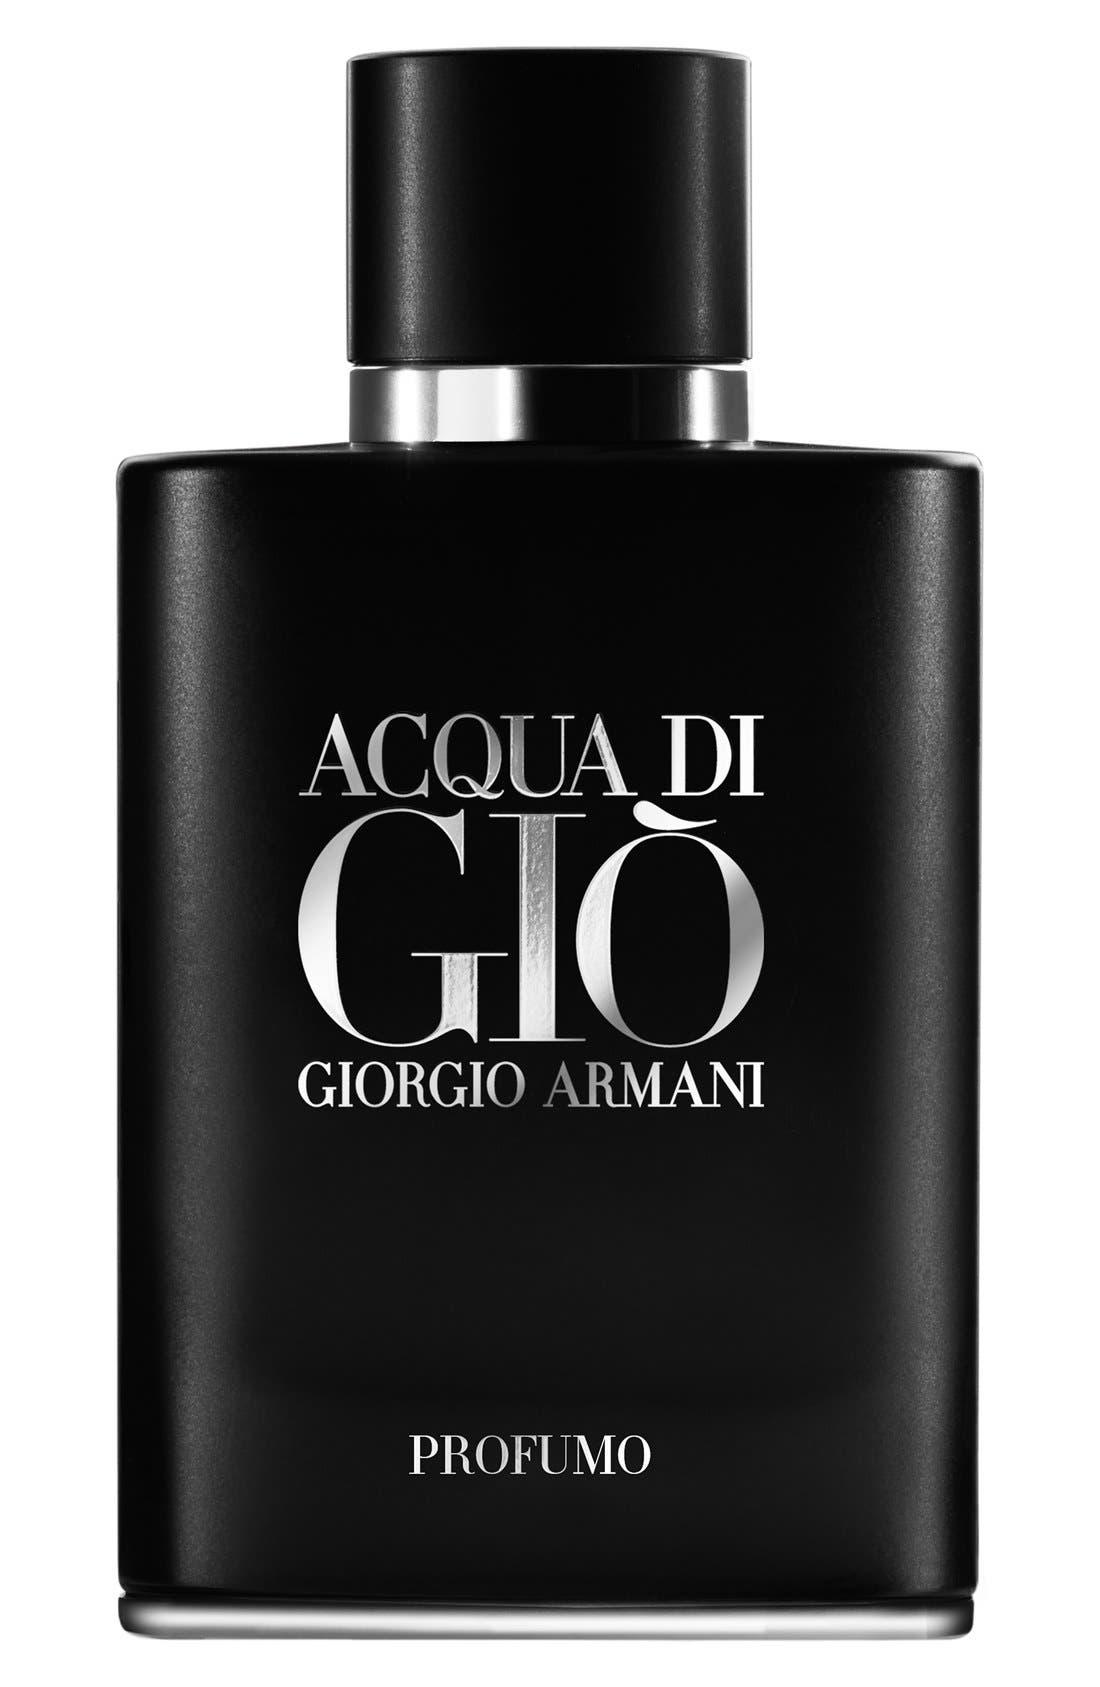 GIORGIO ARMANI Acqua di Giò - Profumo Fragrance, Main, color, NO COLOR